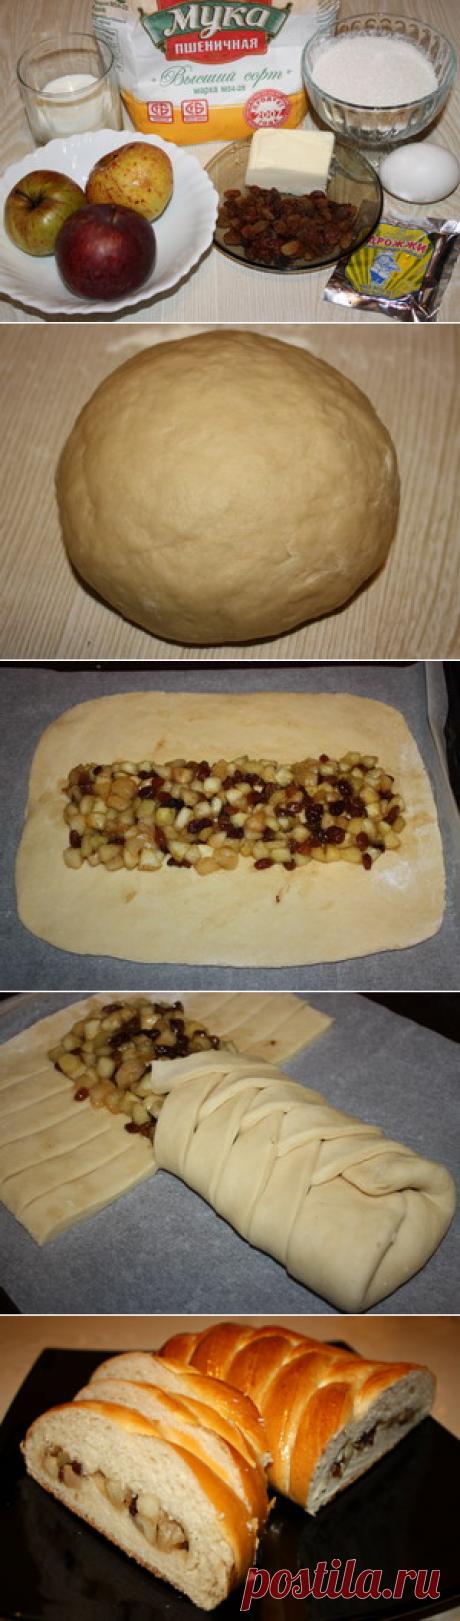 рецепт плетенки с яблоками и изюмом